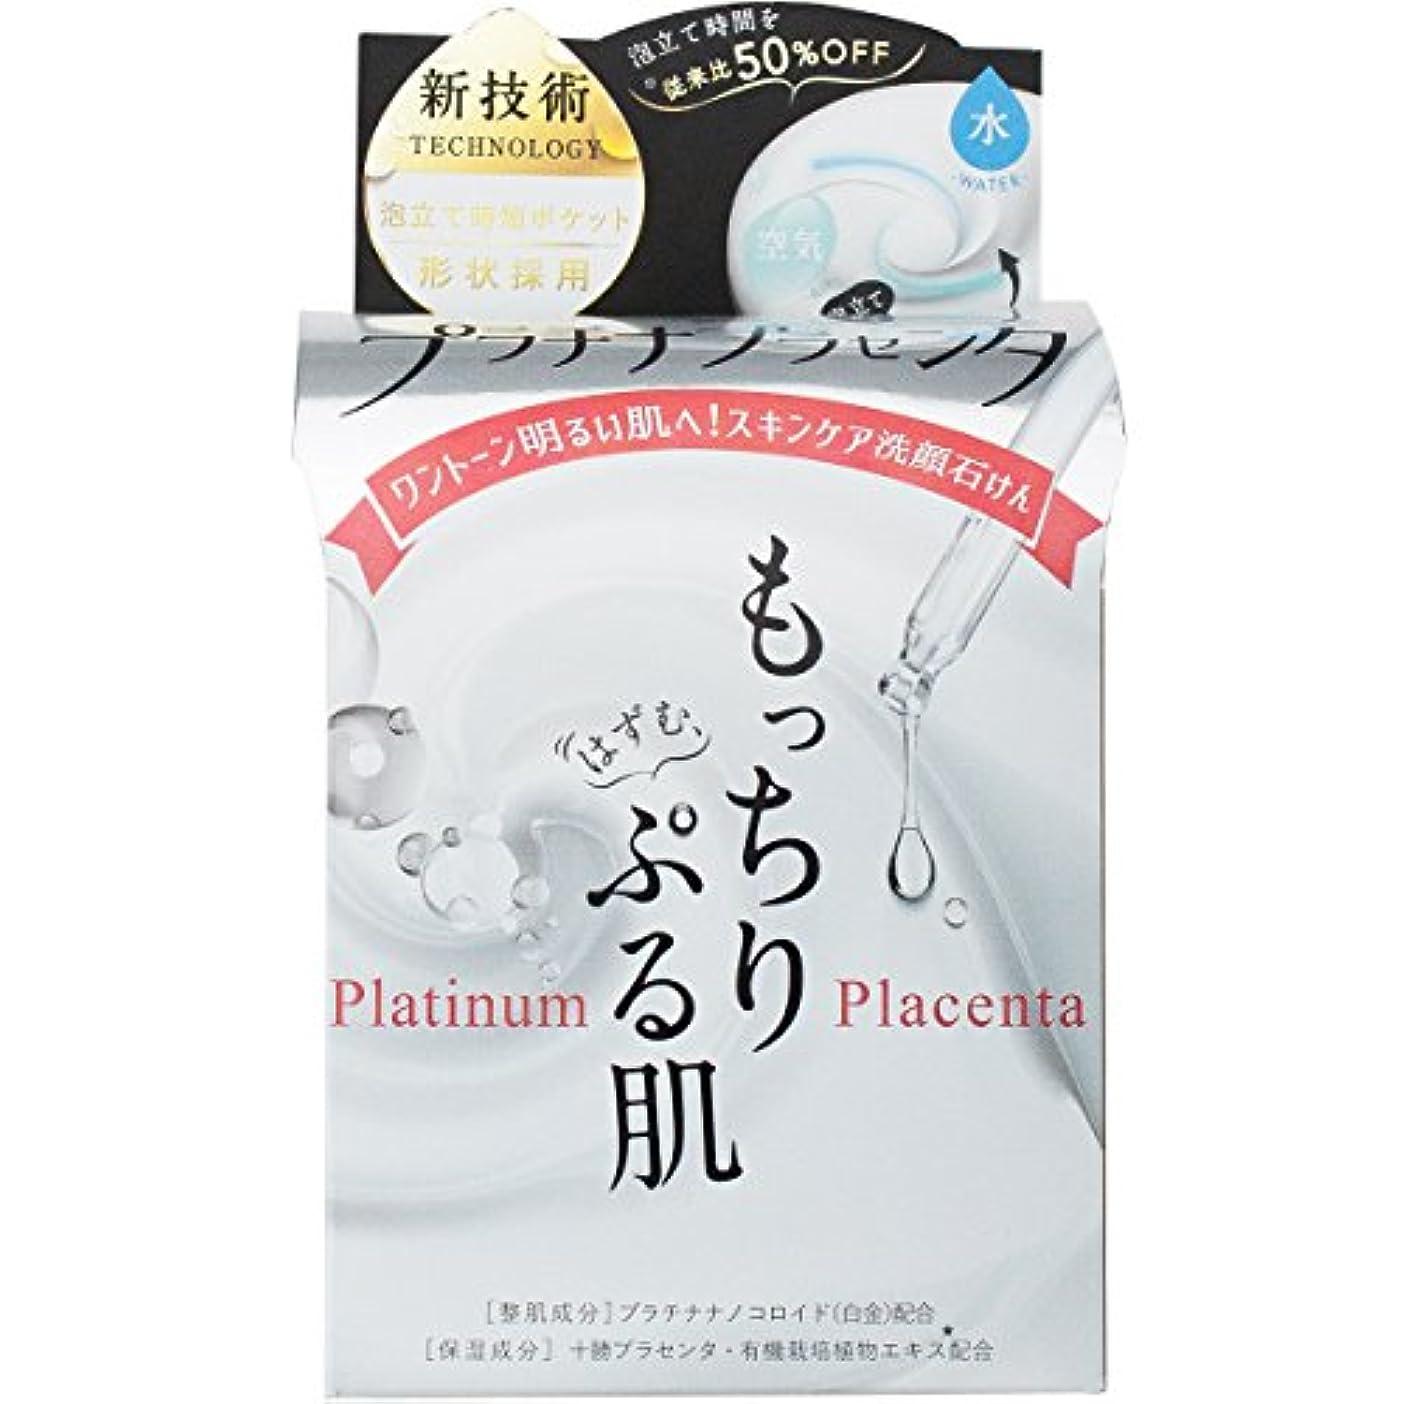 批判する家禽口径肌楽プラチナプラセンタ洗顔石鹸 60g